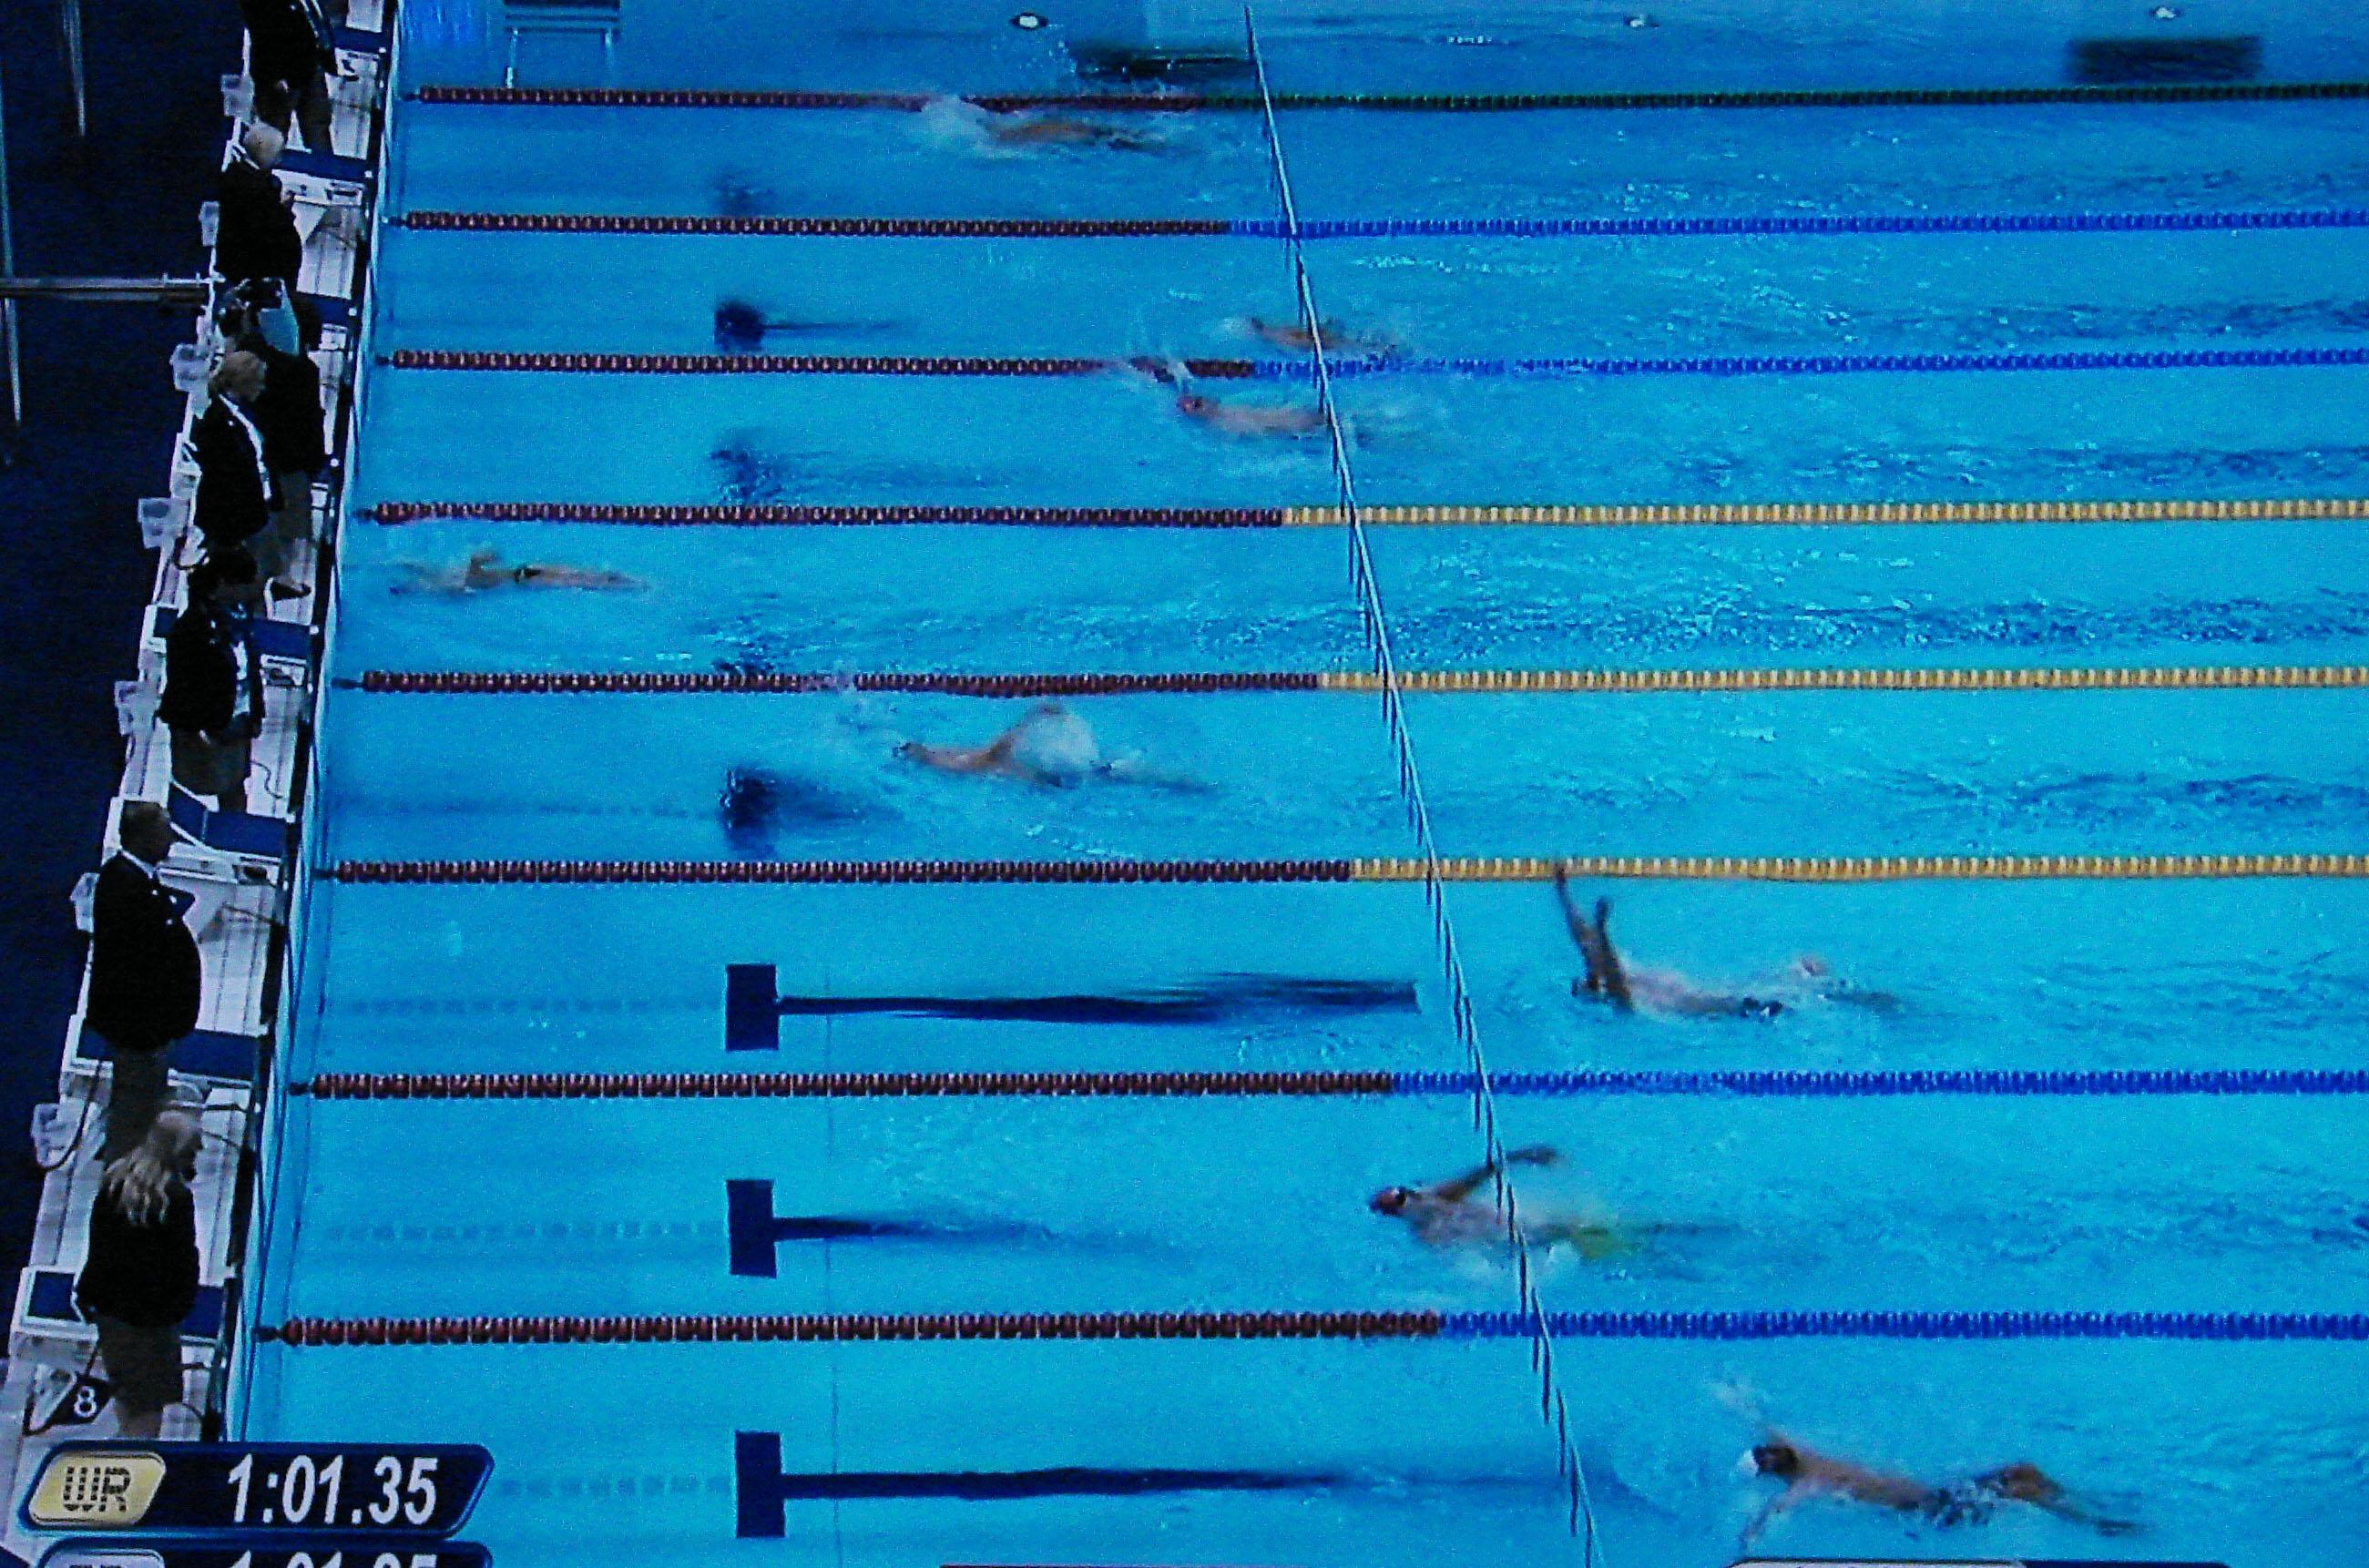 Η ελληνική αποστολή κολύμβησης για τους Παραολυμπιακούς Αγώνες του Ρίο